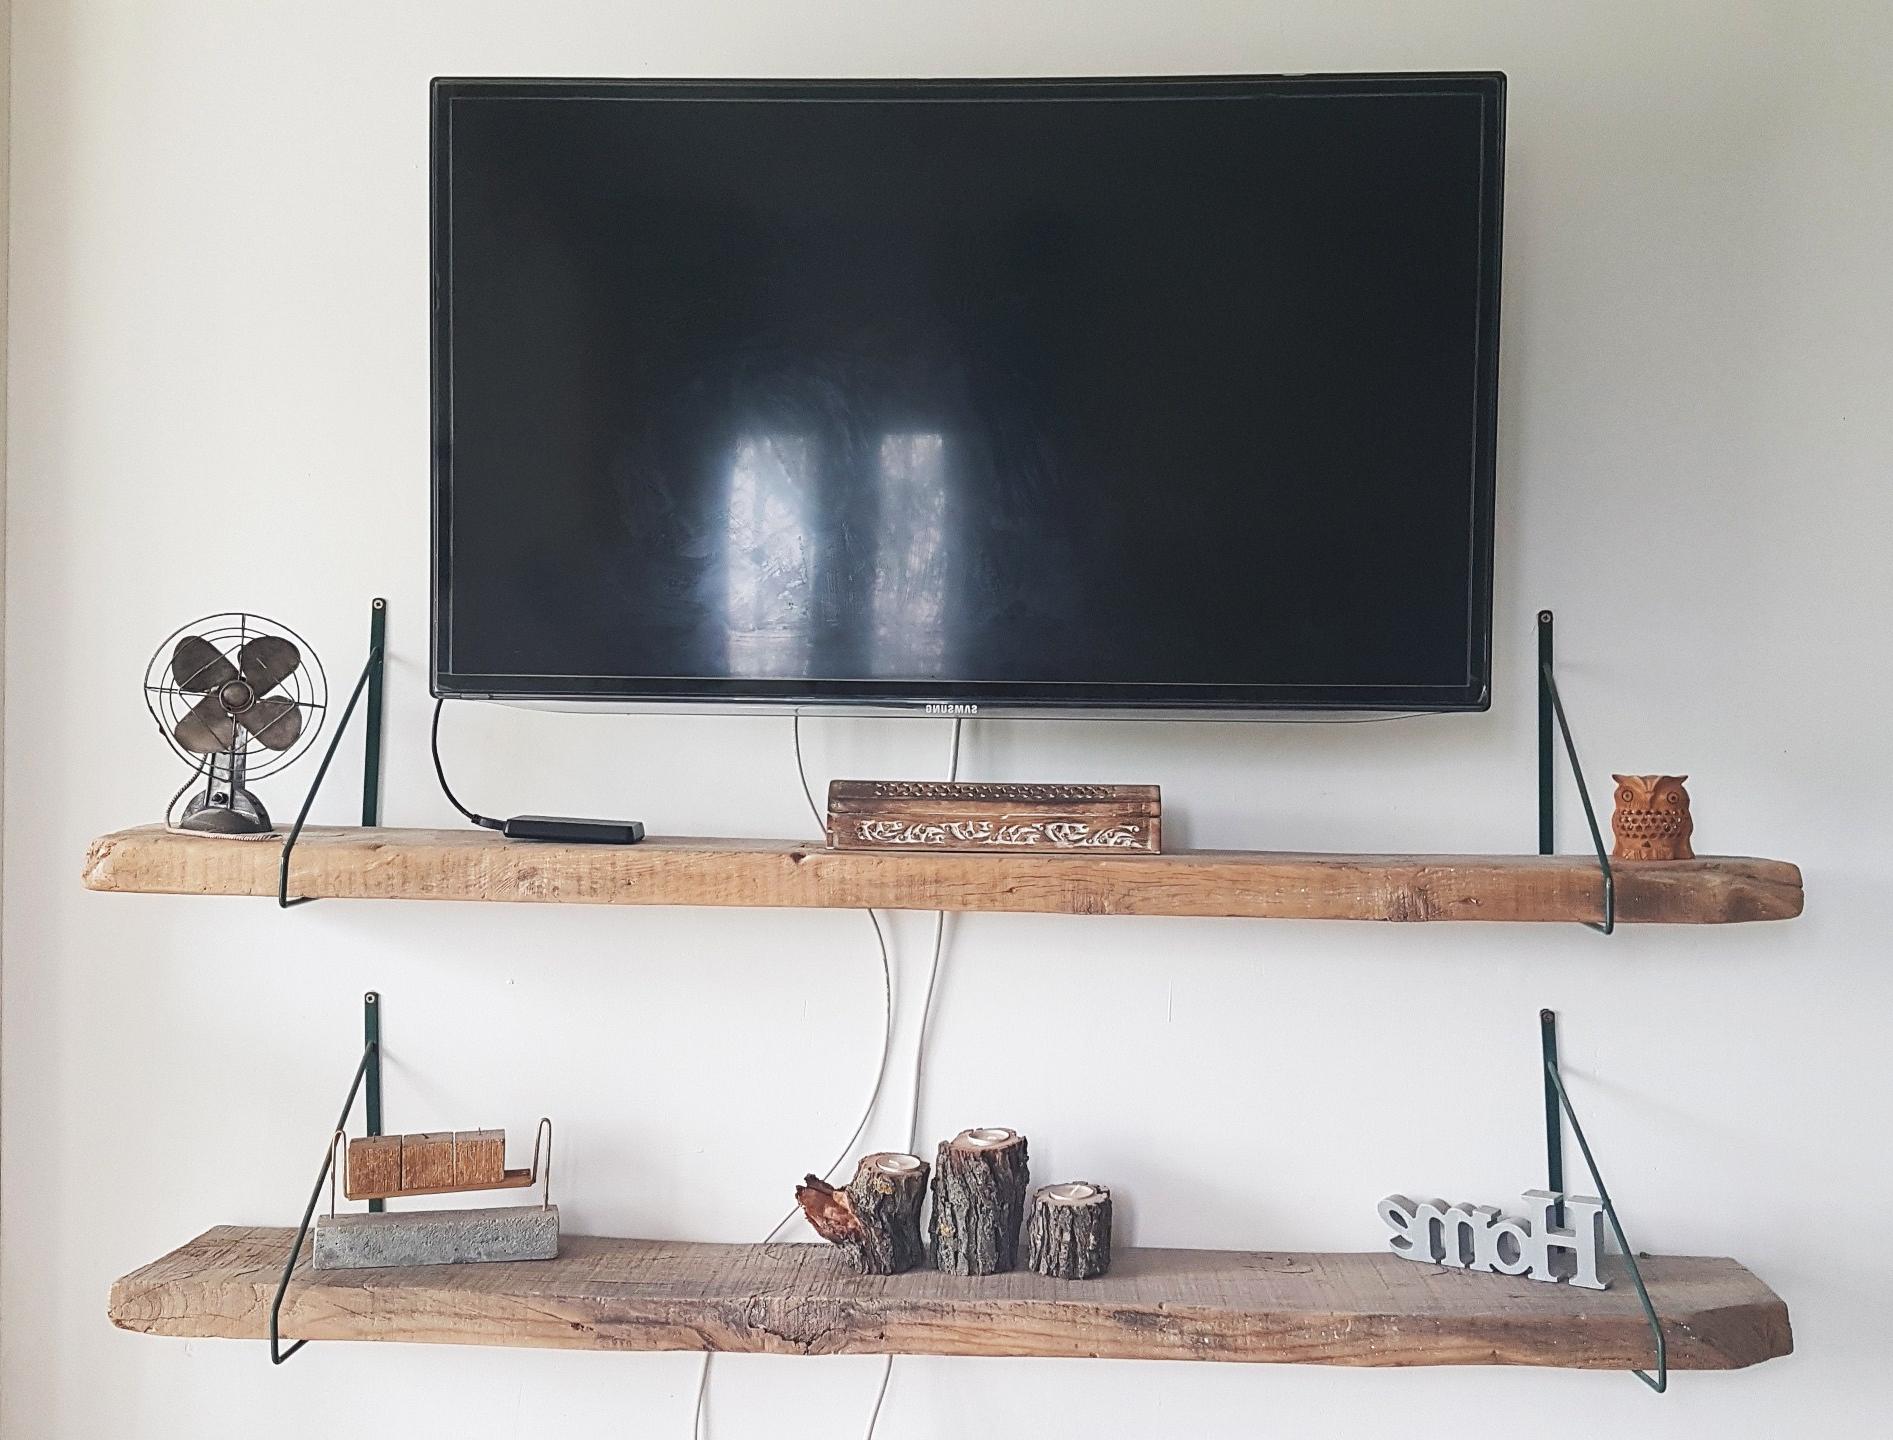 Mueble Tv Estrecho Zwdg Mueble Tv Estrecho Muebles De Vestidor Vestidor Ver Imagen Ms Grande